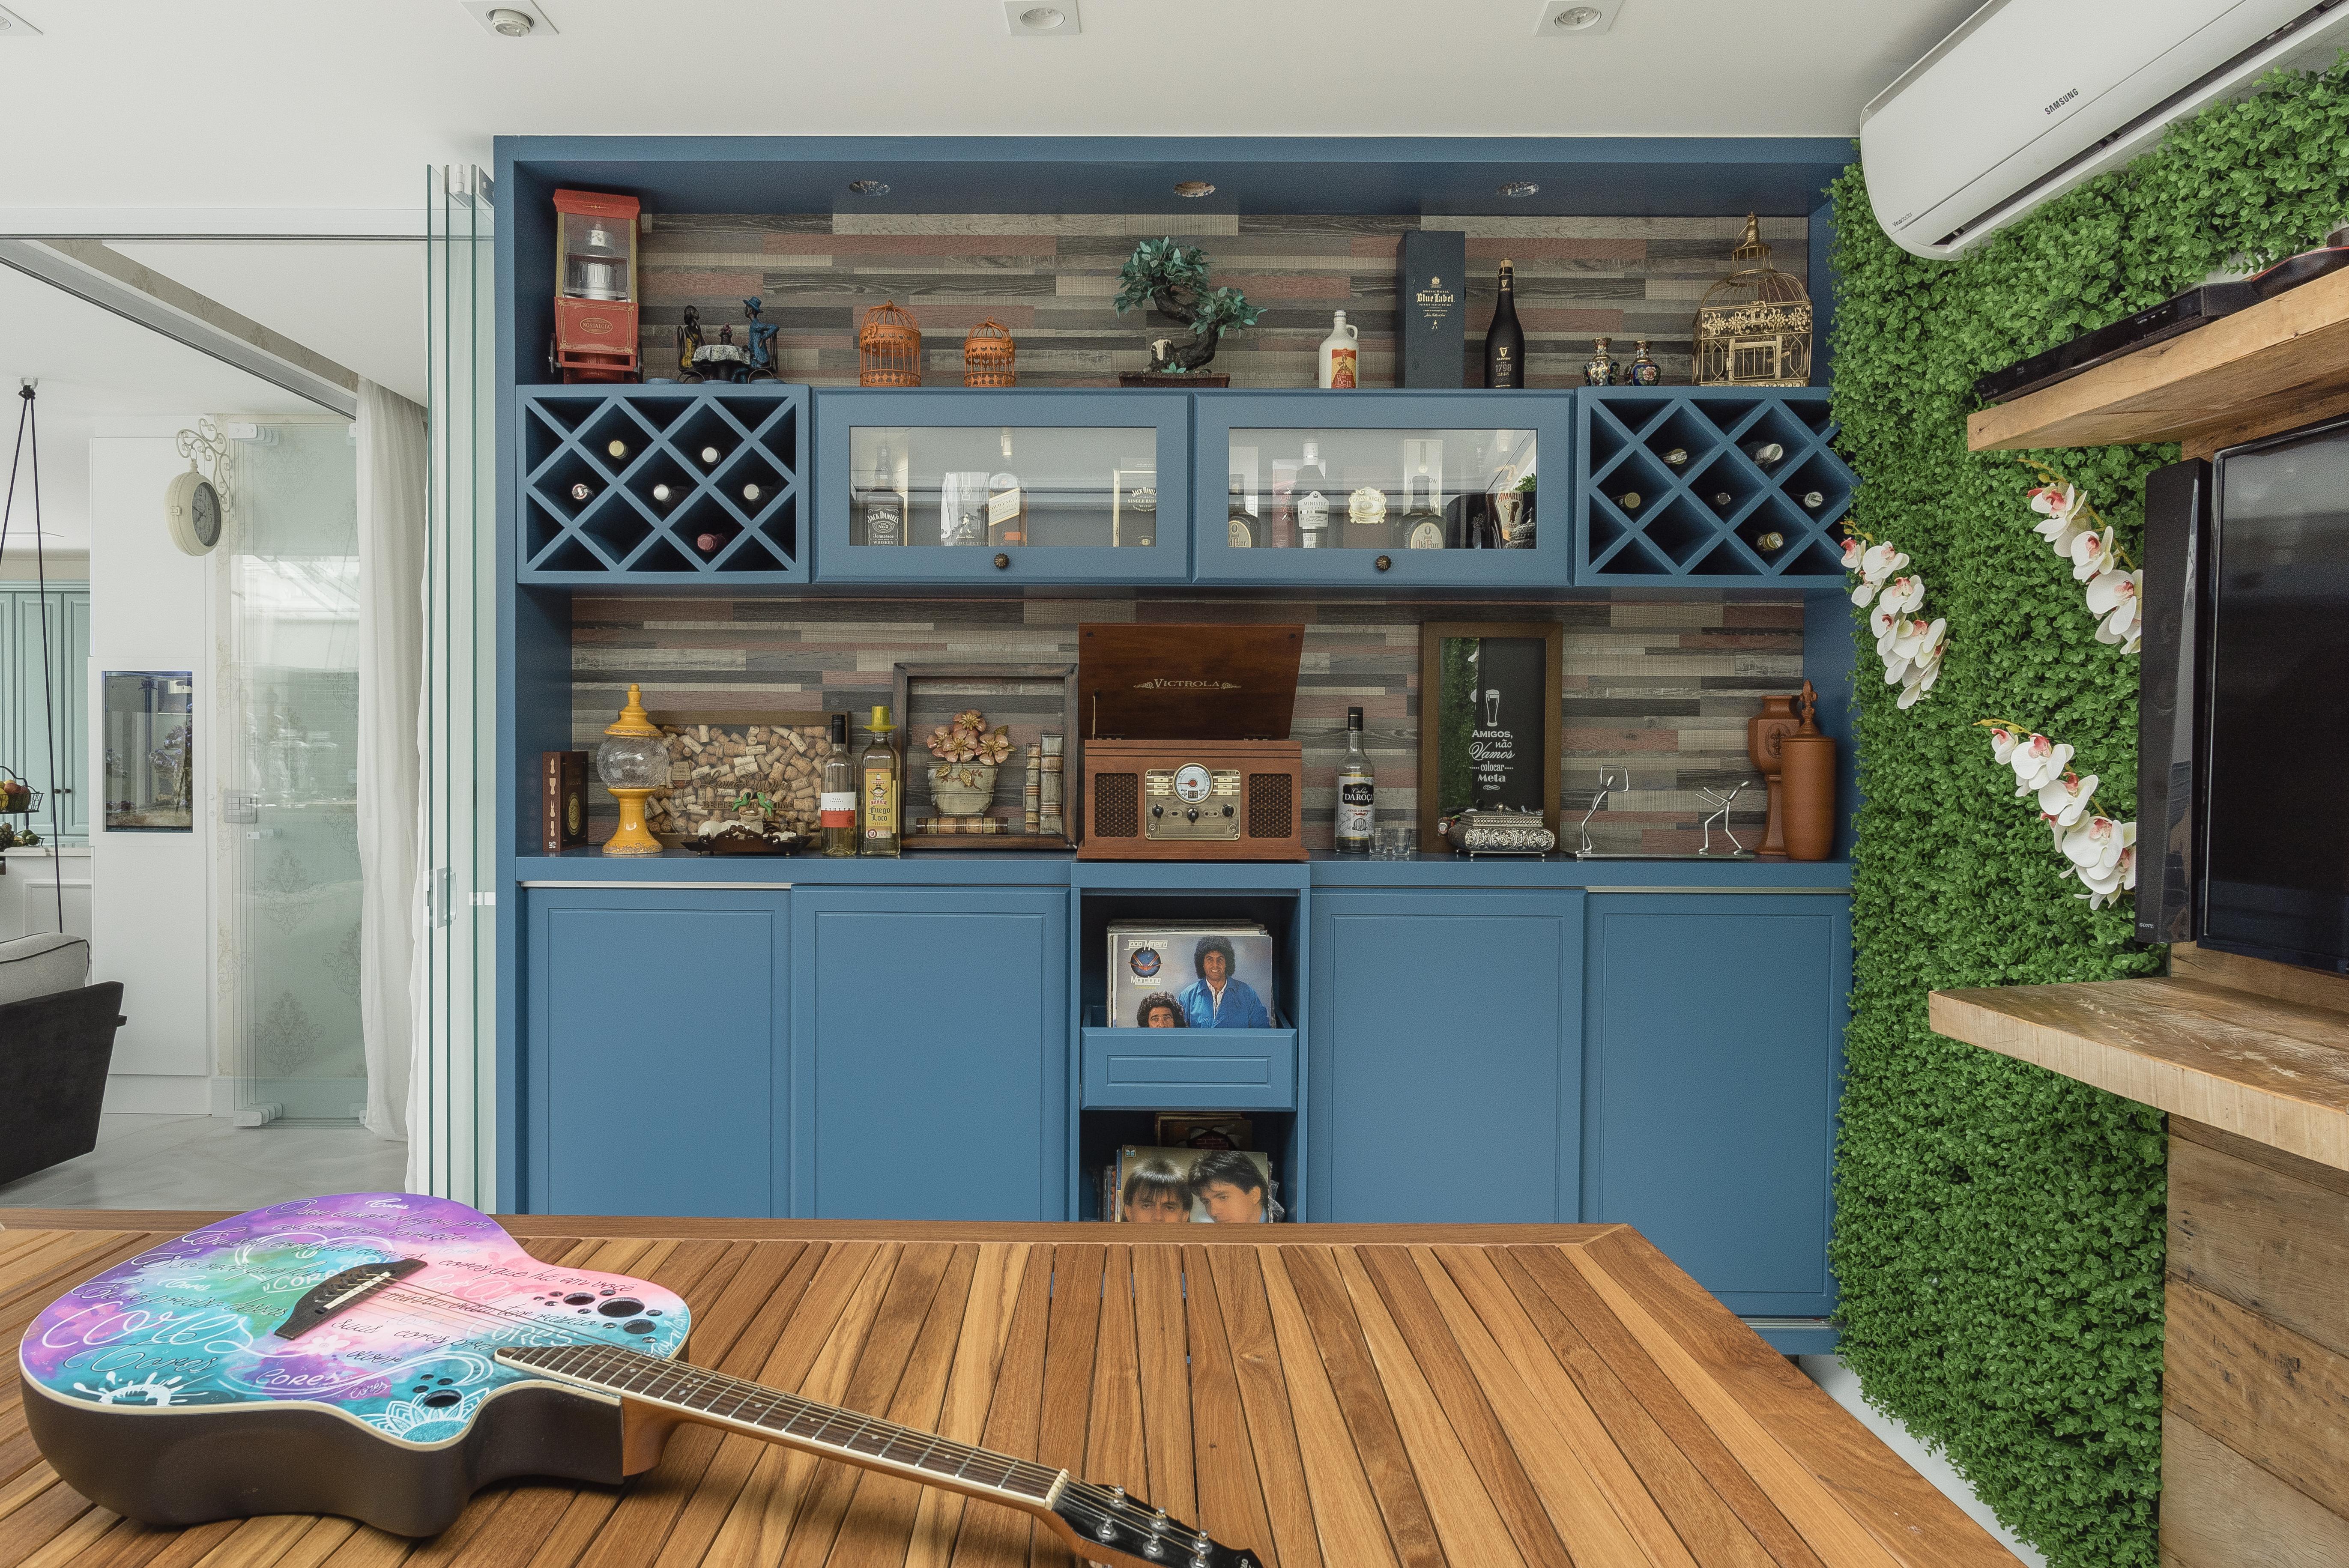 Móveis na cor azul e mesa de madeira de demolição ocupam espaço da casa reformada do músico Marcos. Na mesa, aparece uma guitarra colorida.